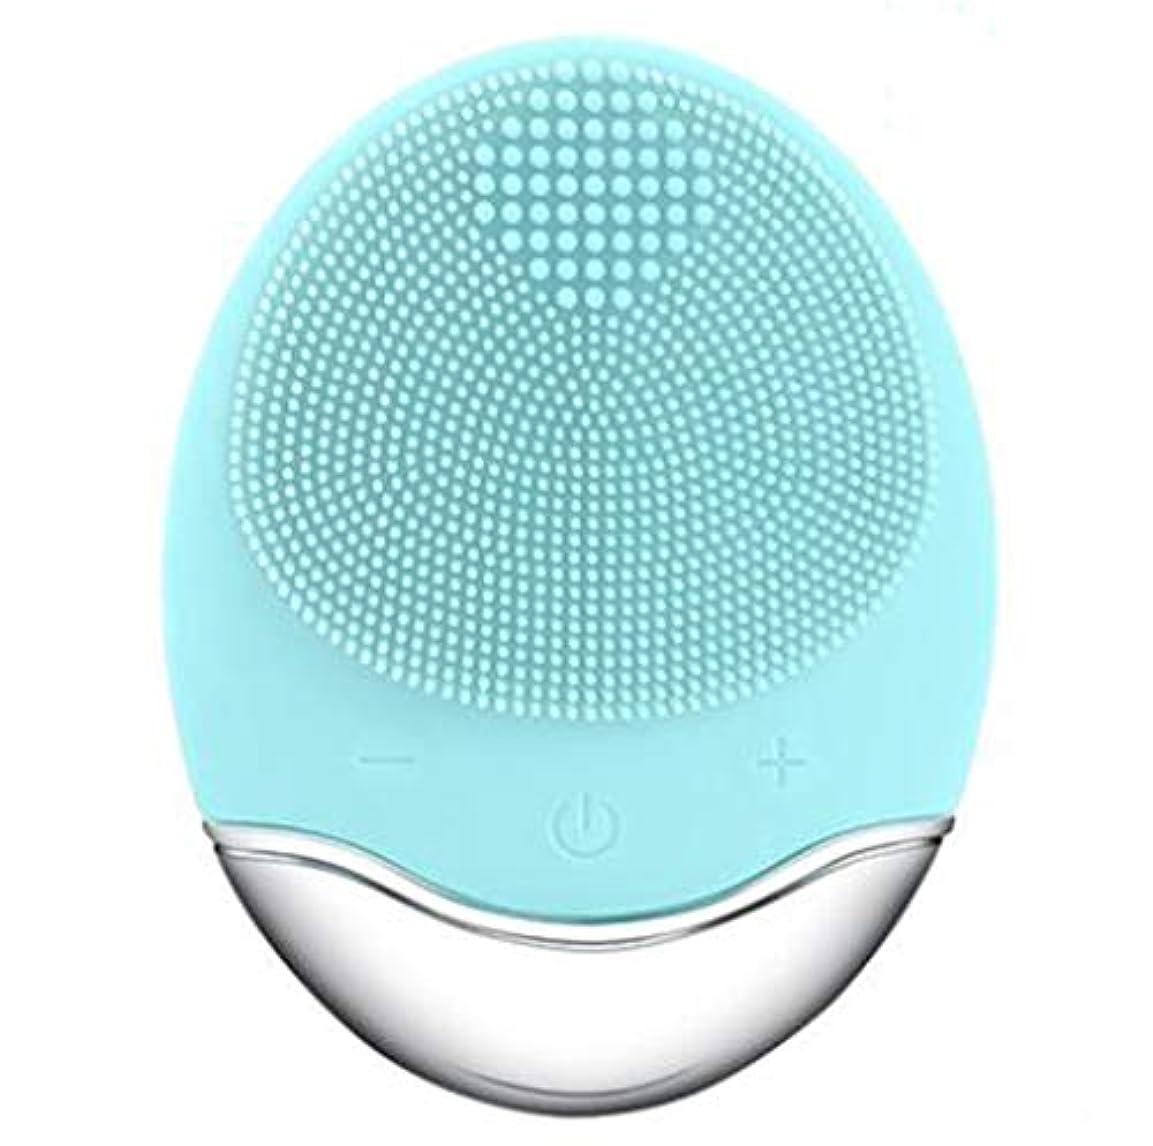 モール里親地域シリコーン電気クレンジング器具、洗顔毛穴クリーナーマッサージフェイス、イントロデューサー + クレンジング器具 (1 つ2個),Green